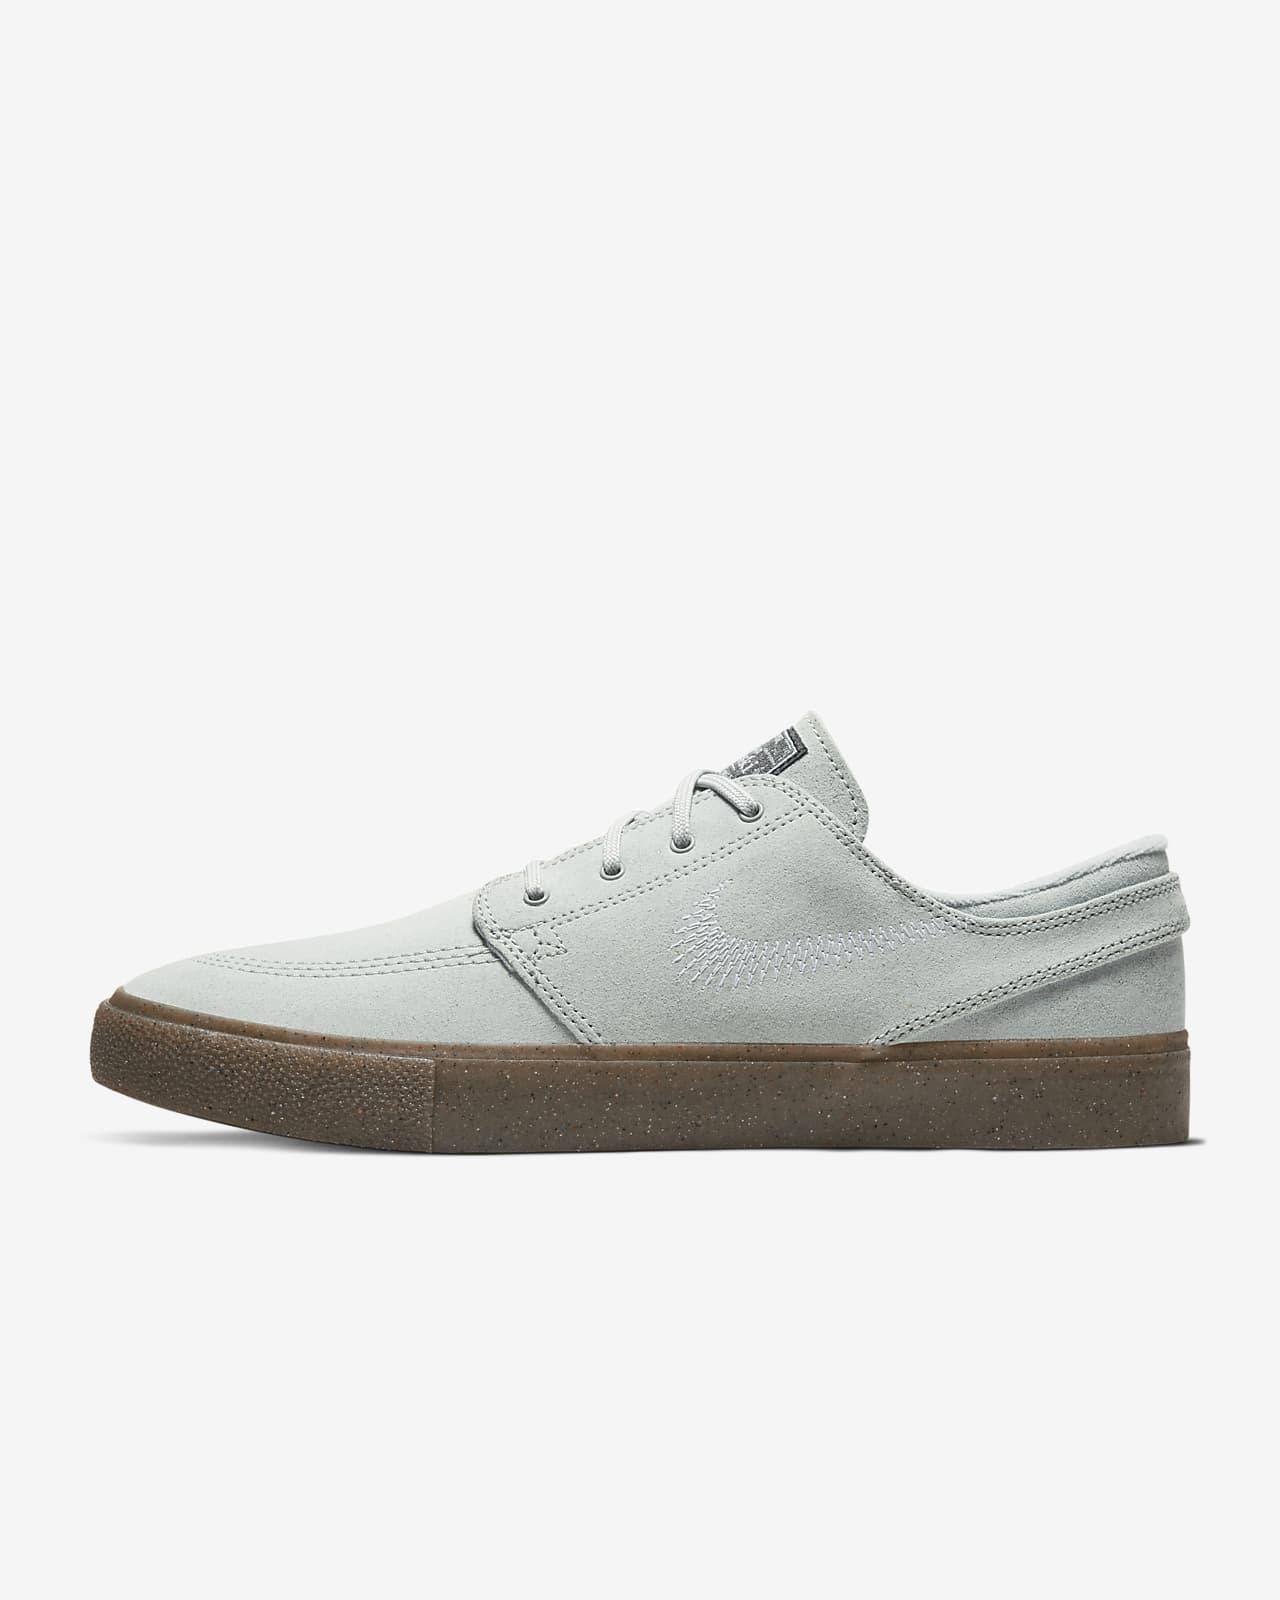 รองเท้าสเก็ตบอร์ด Nike SB Zoom Stefan Janoski FL RM